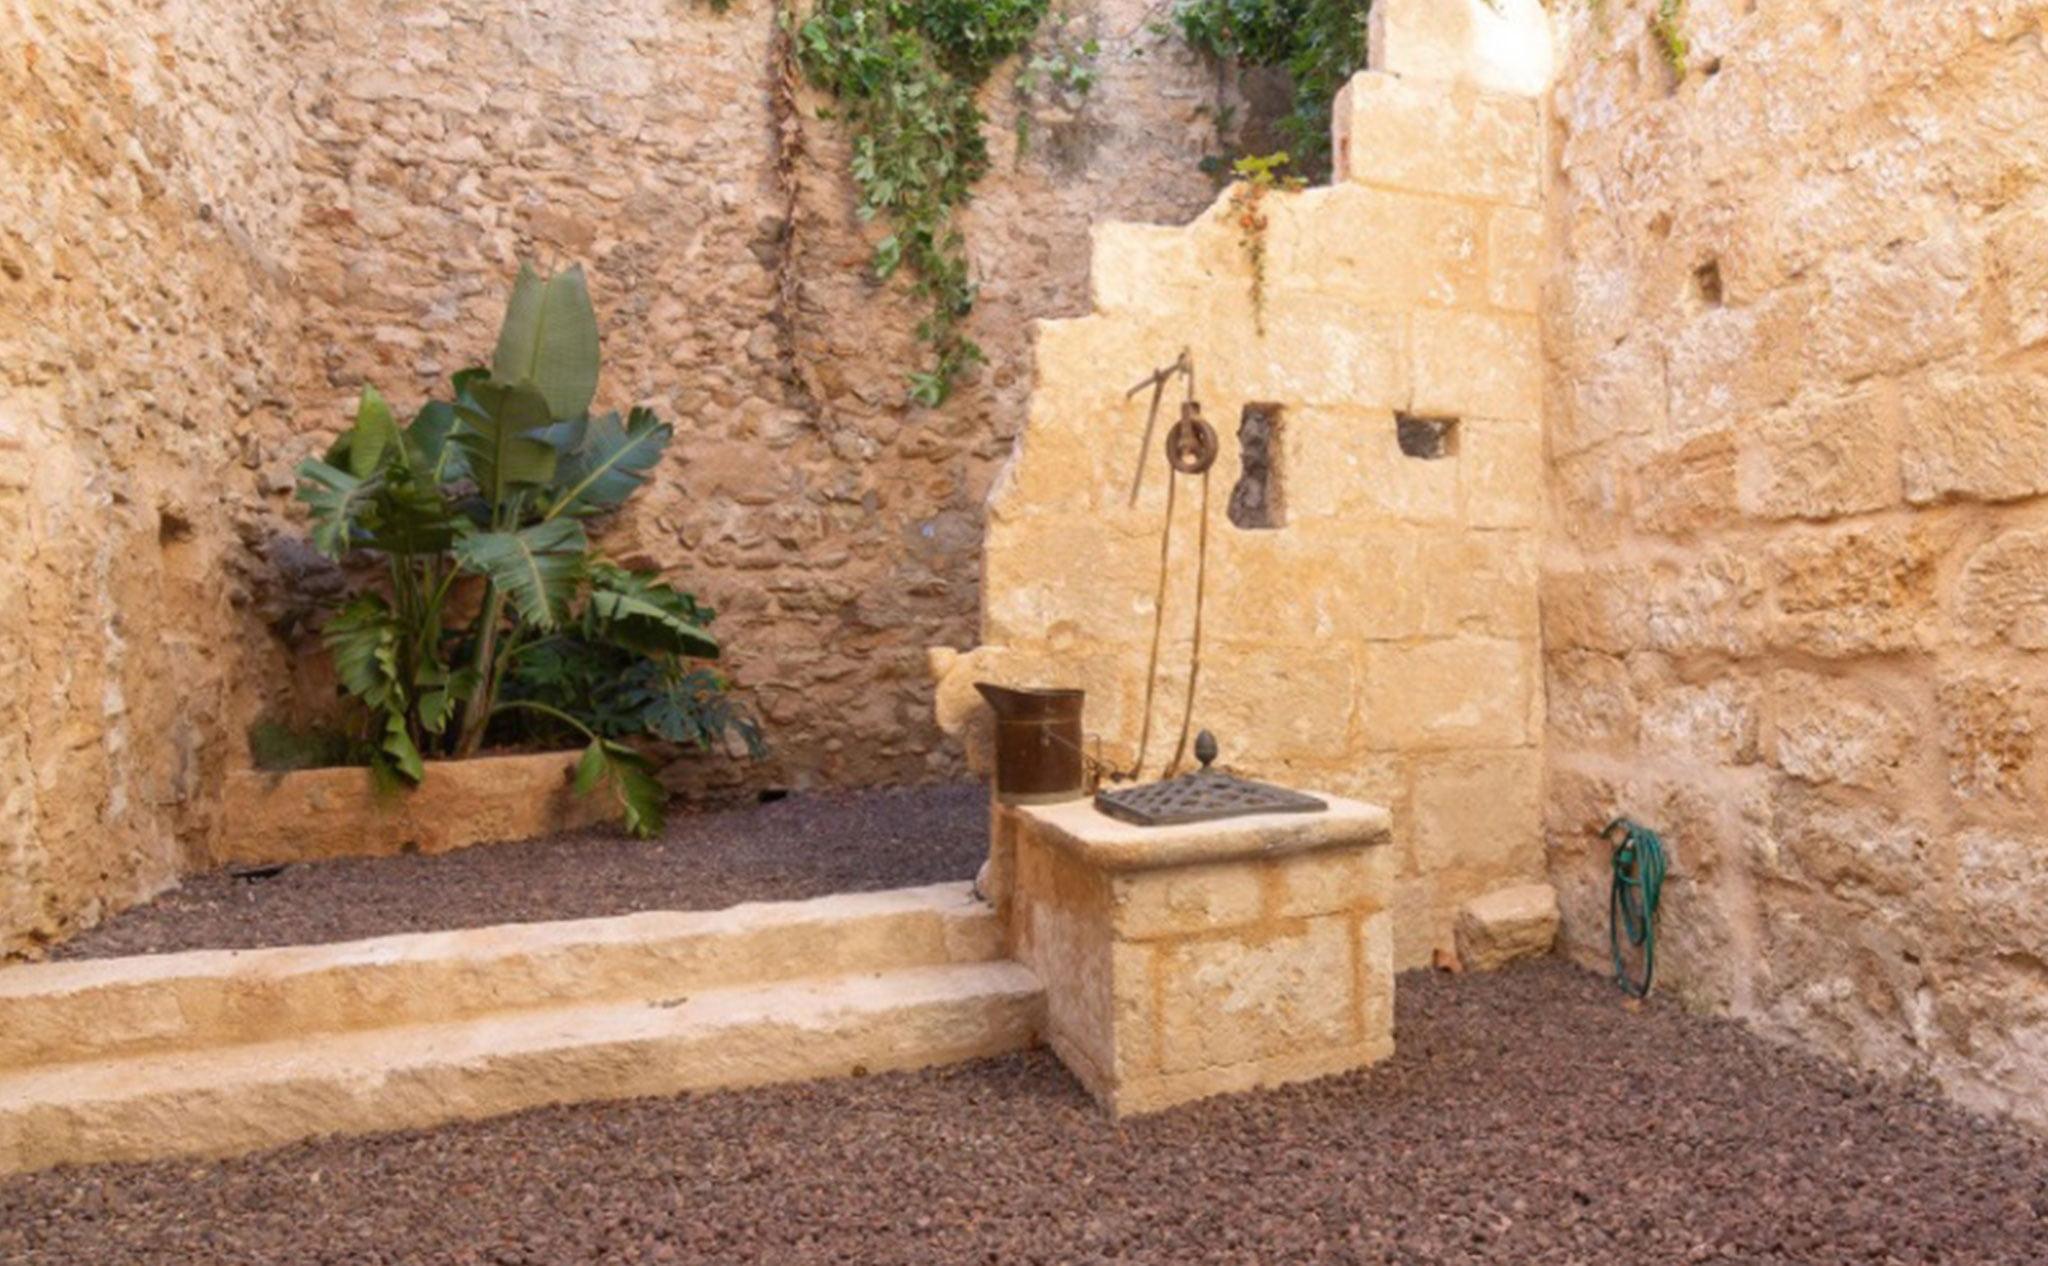 Patio de una casa de pueblo en venta en el centro de Xàbia – MORAGUESPONS Mediterranean Houses